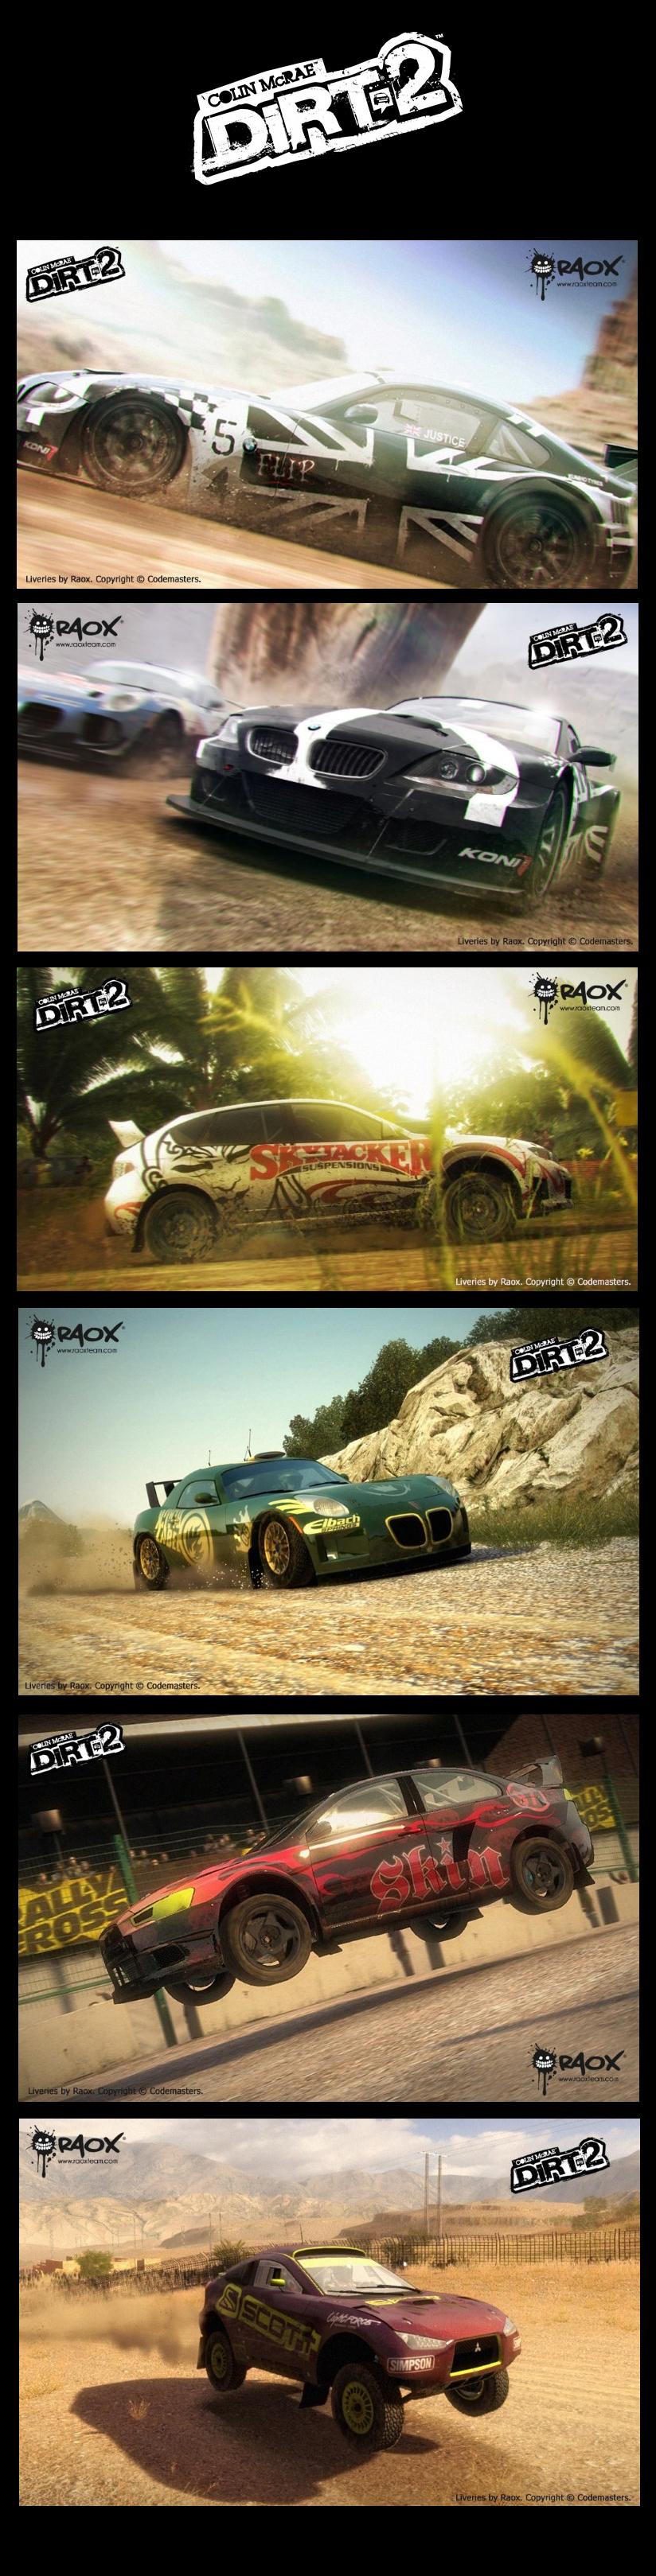 Dirt 2 by raoxcrew